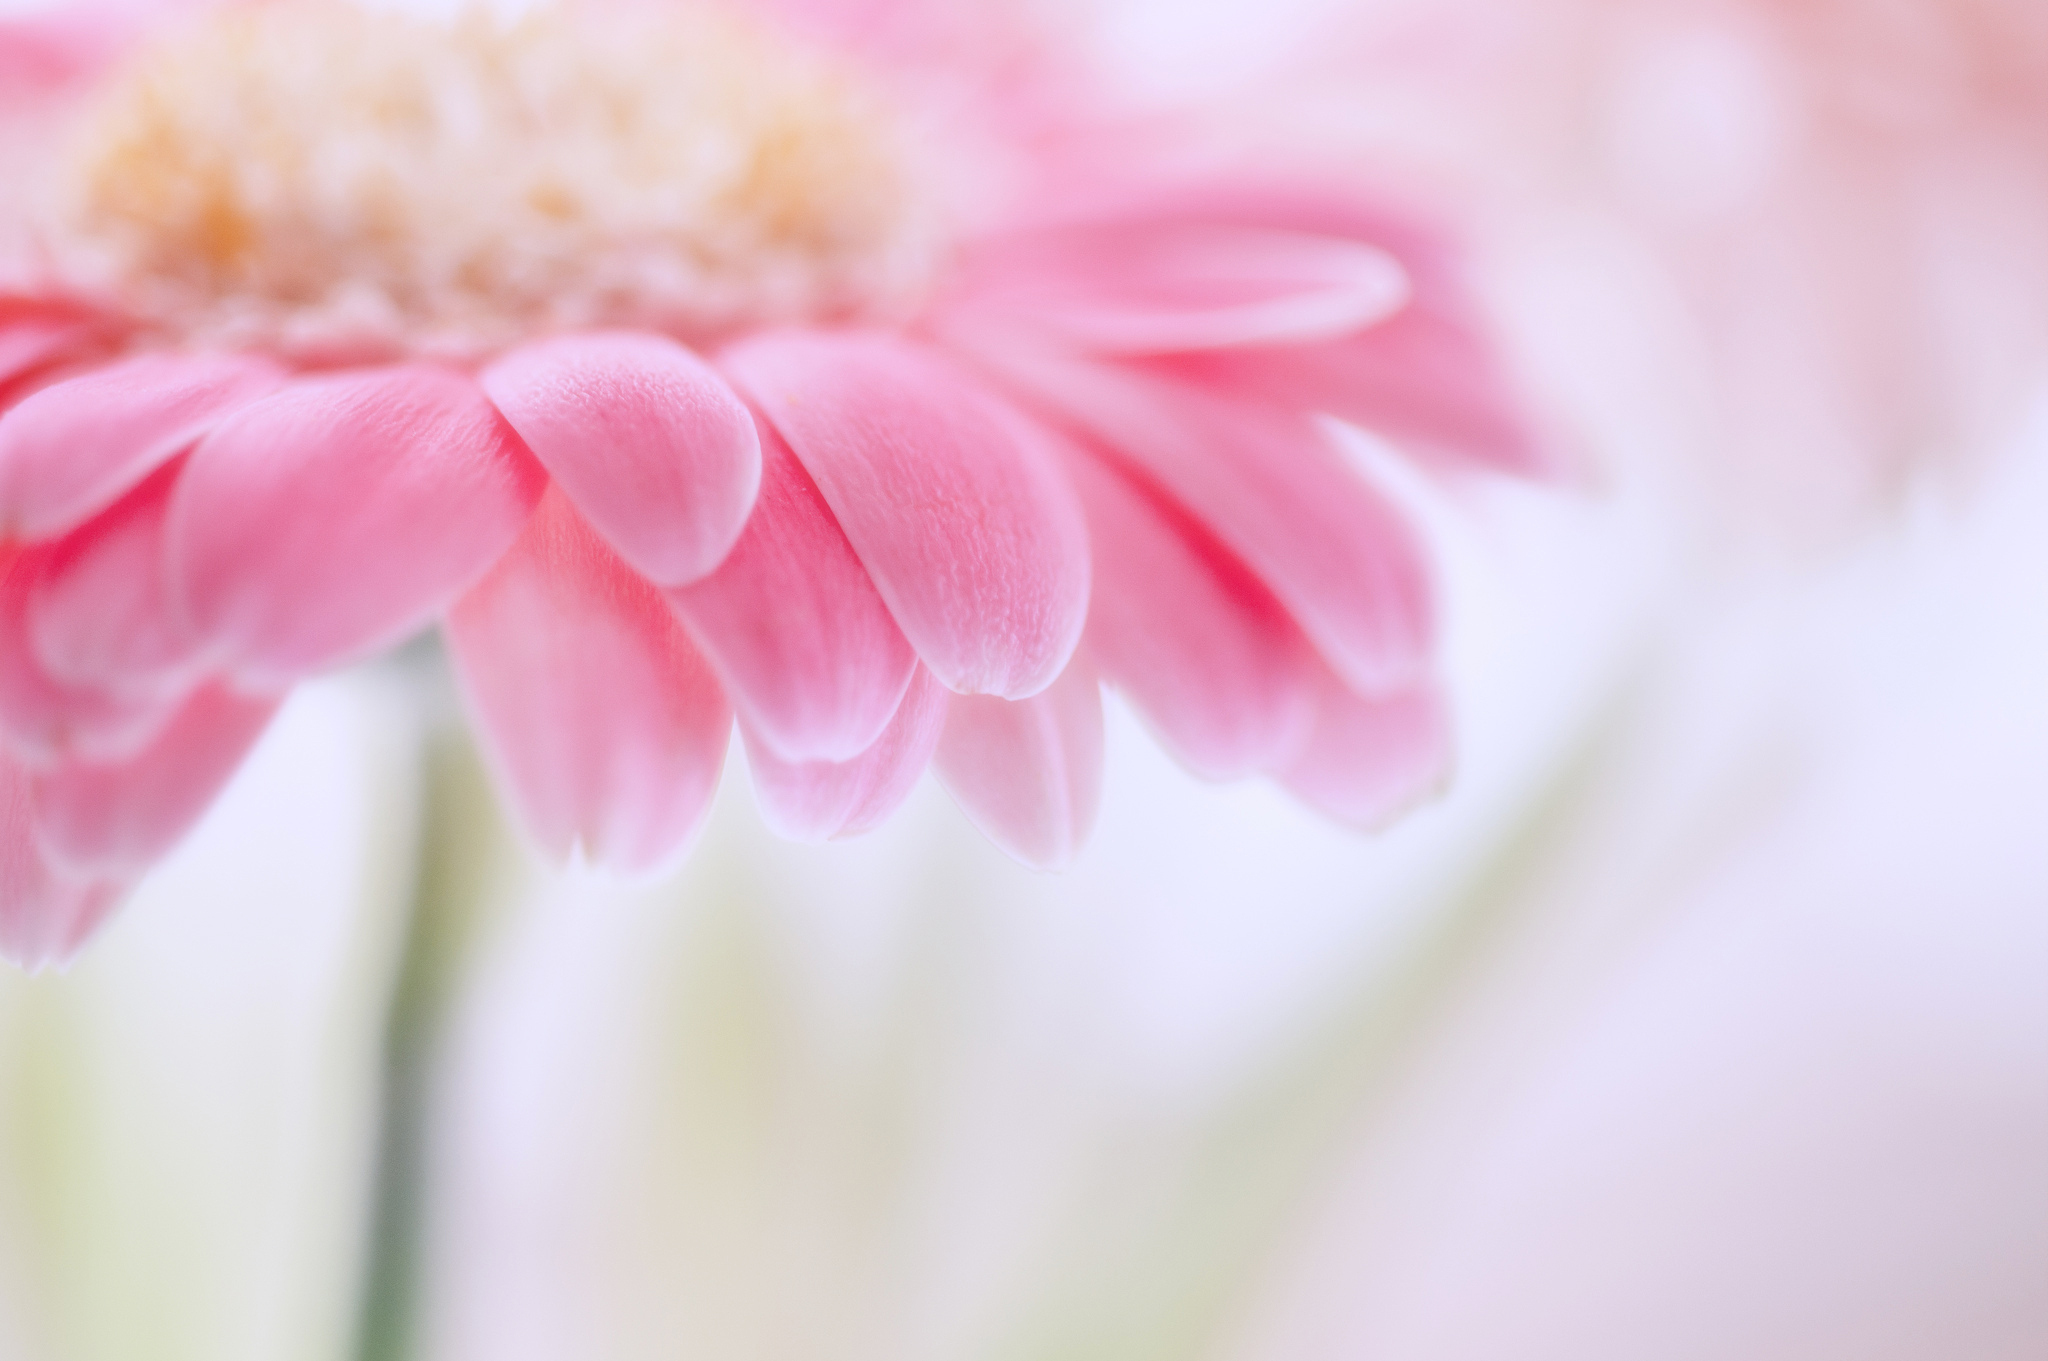 цветок розовый бесплатно